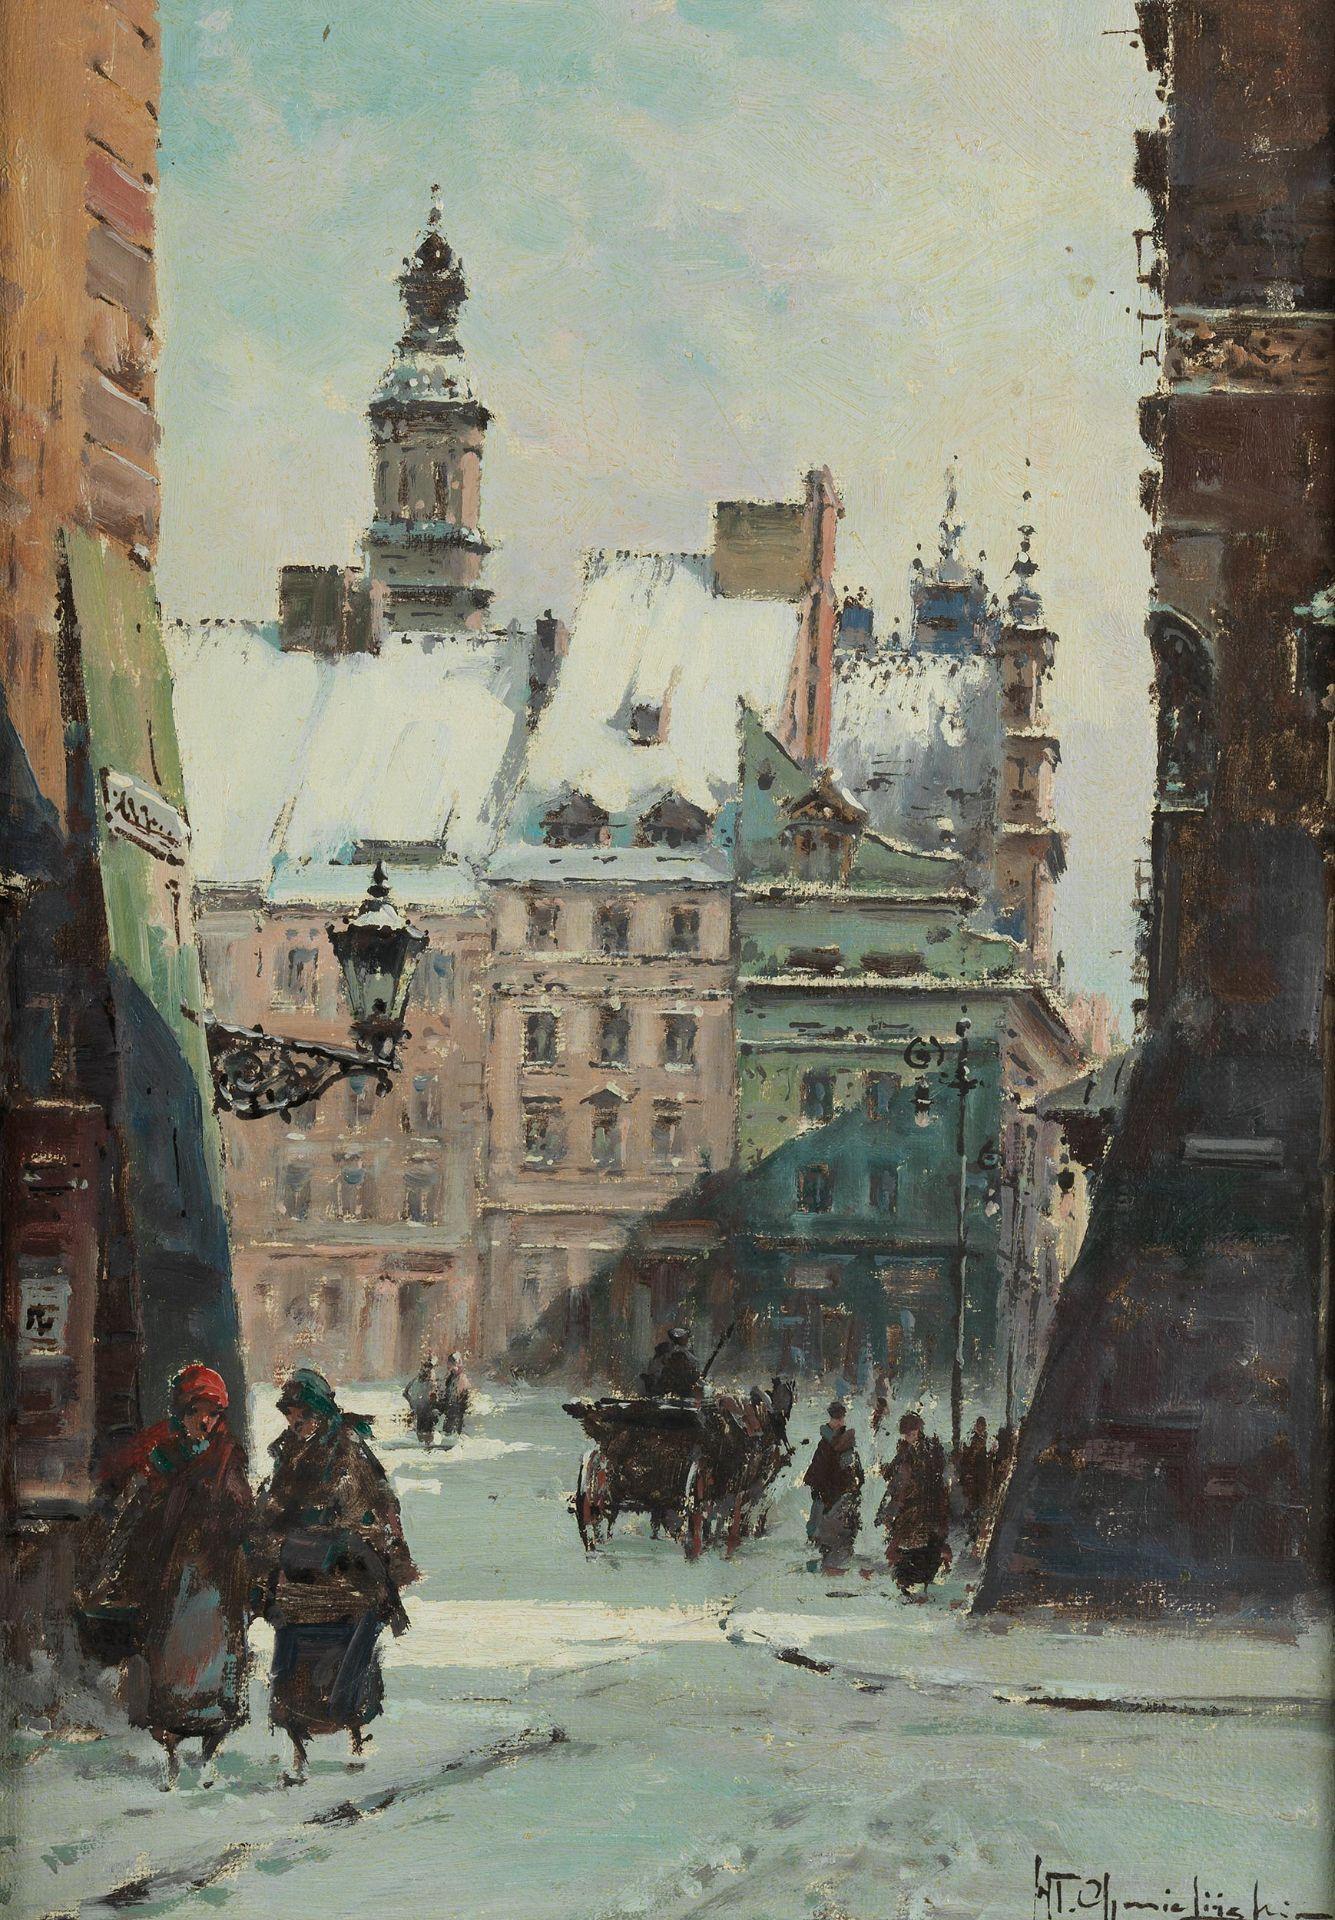 """Władysław Chmieliński (1911-1979) """"Zimowy widok na Rynek Starego Miasta w Warszawie"""", źródło: Hampel Fine Art Auctions"""